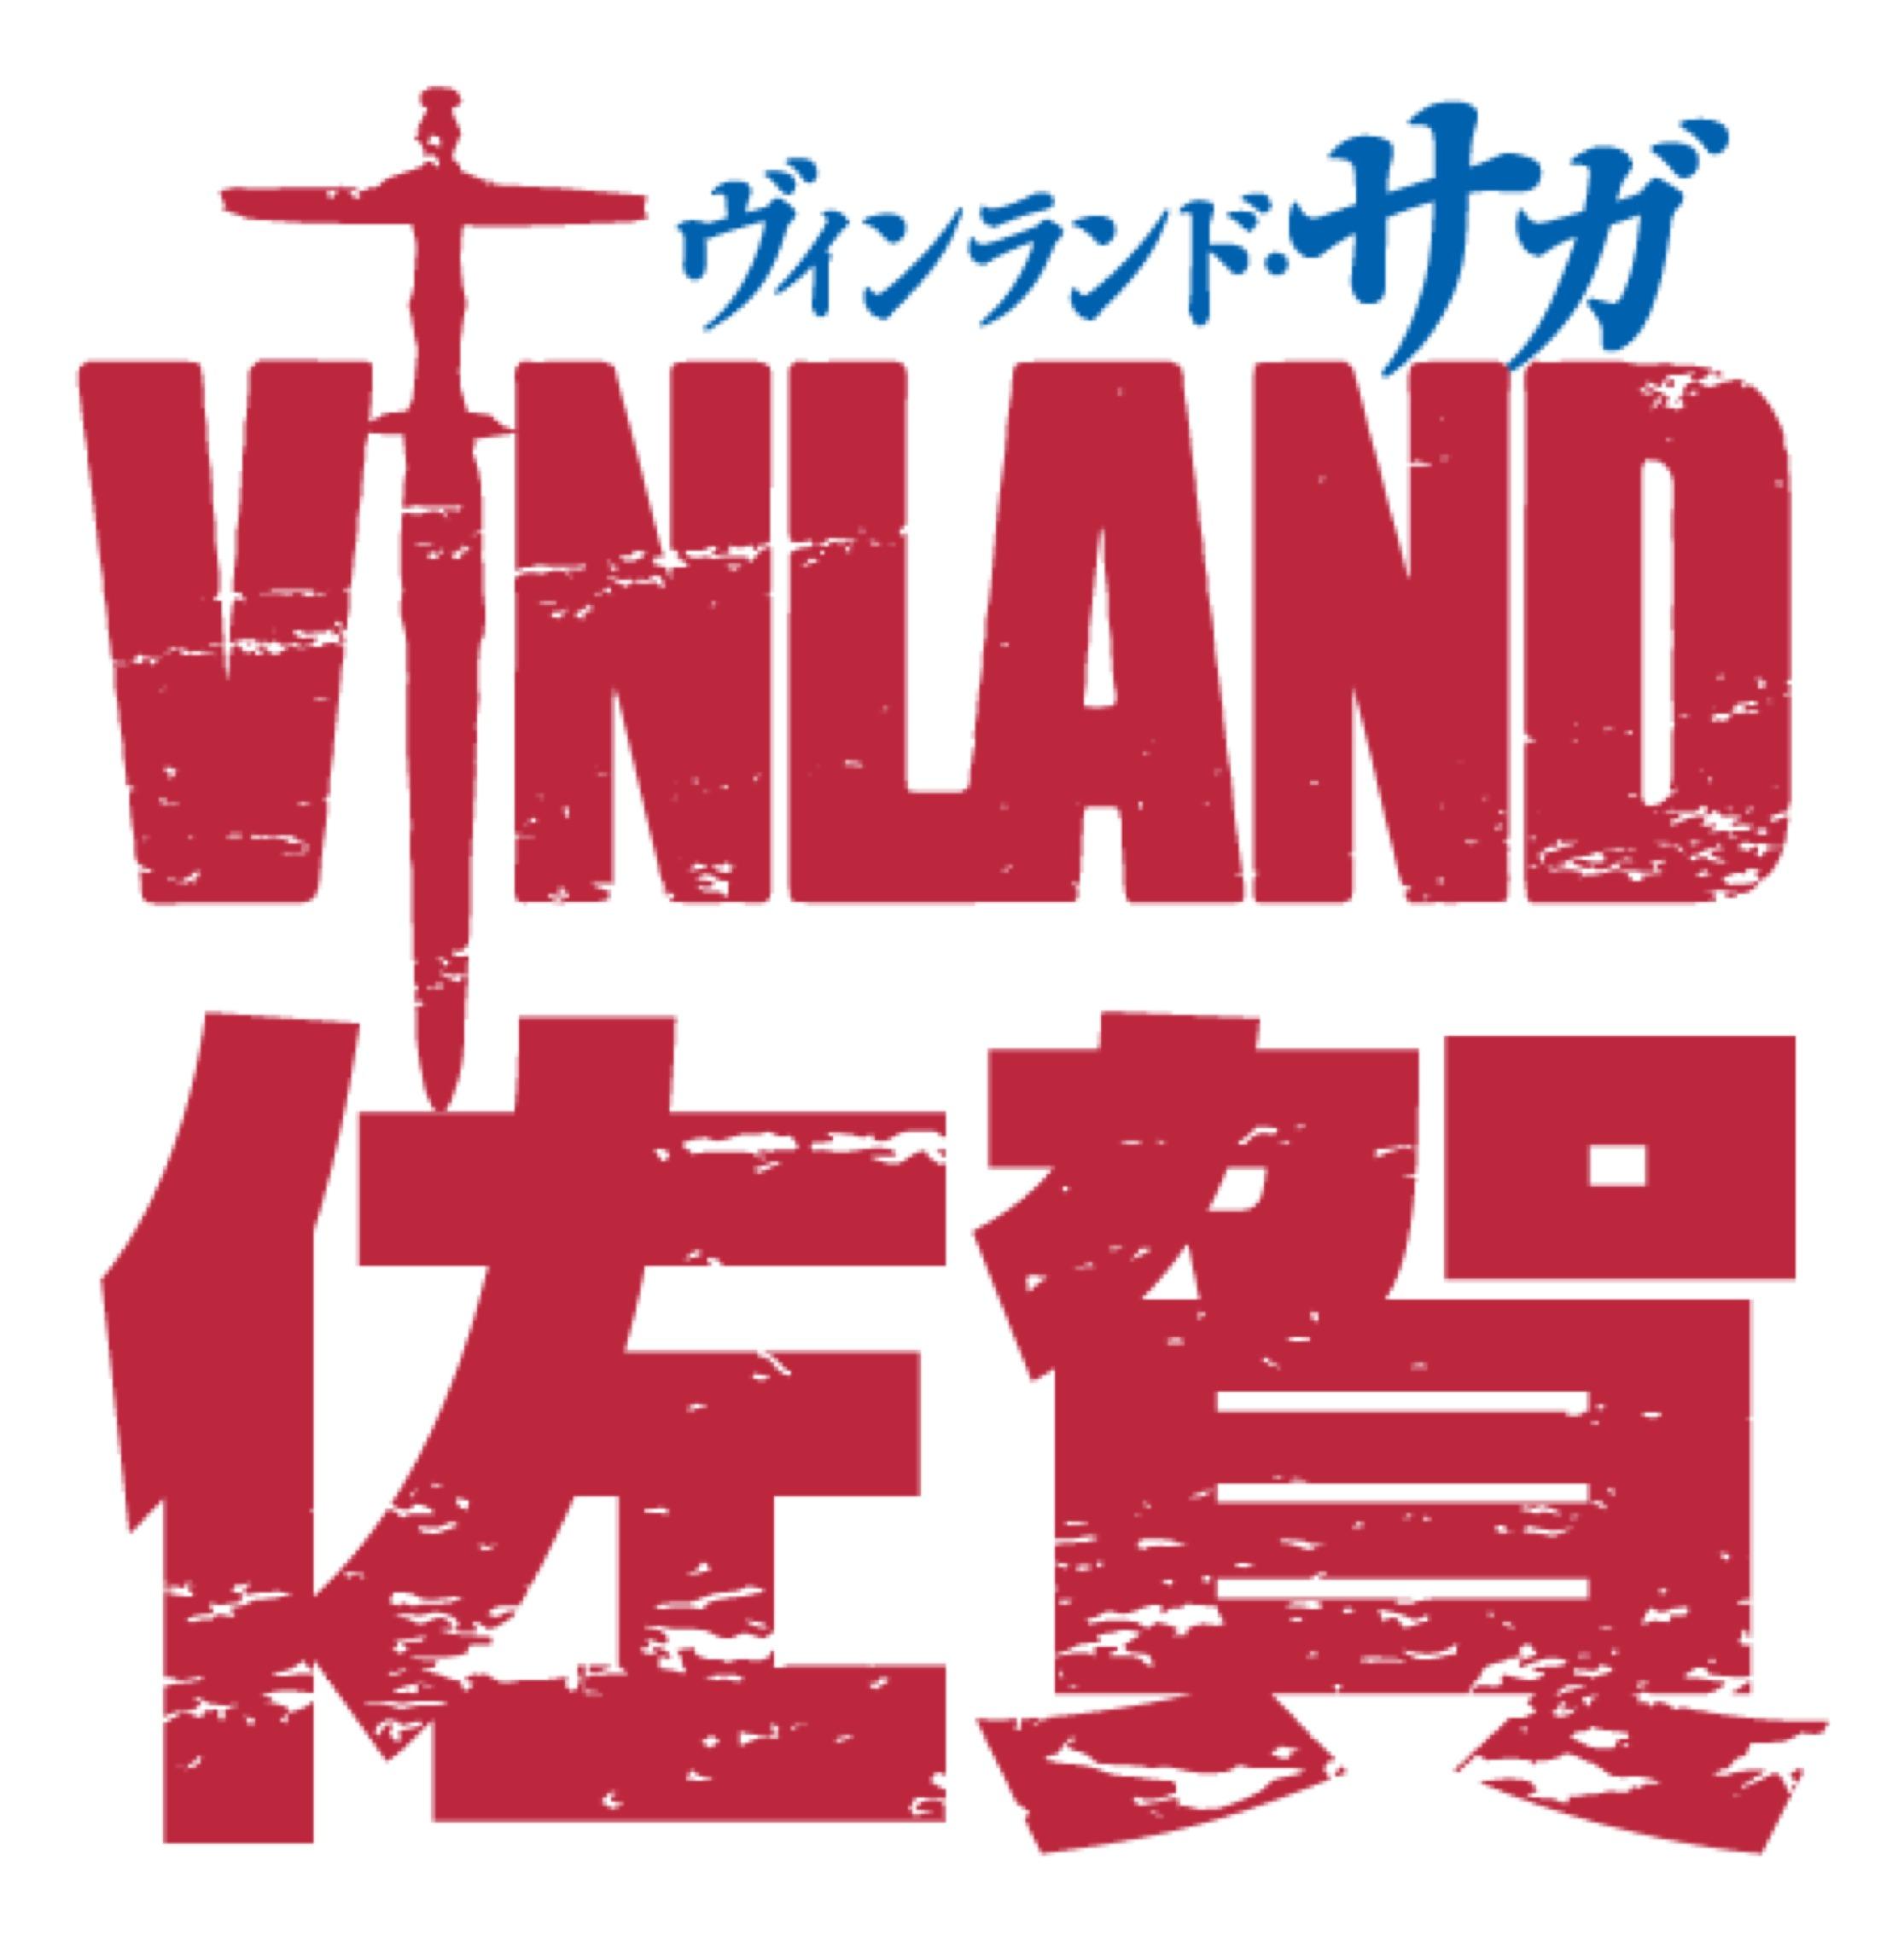 コラボ『ヴィンランド・佐賀』ロゴ